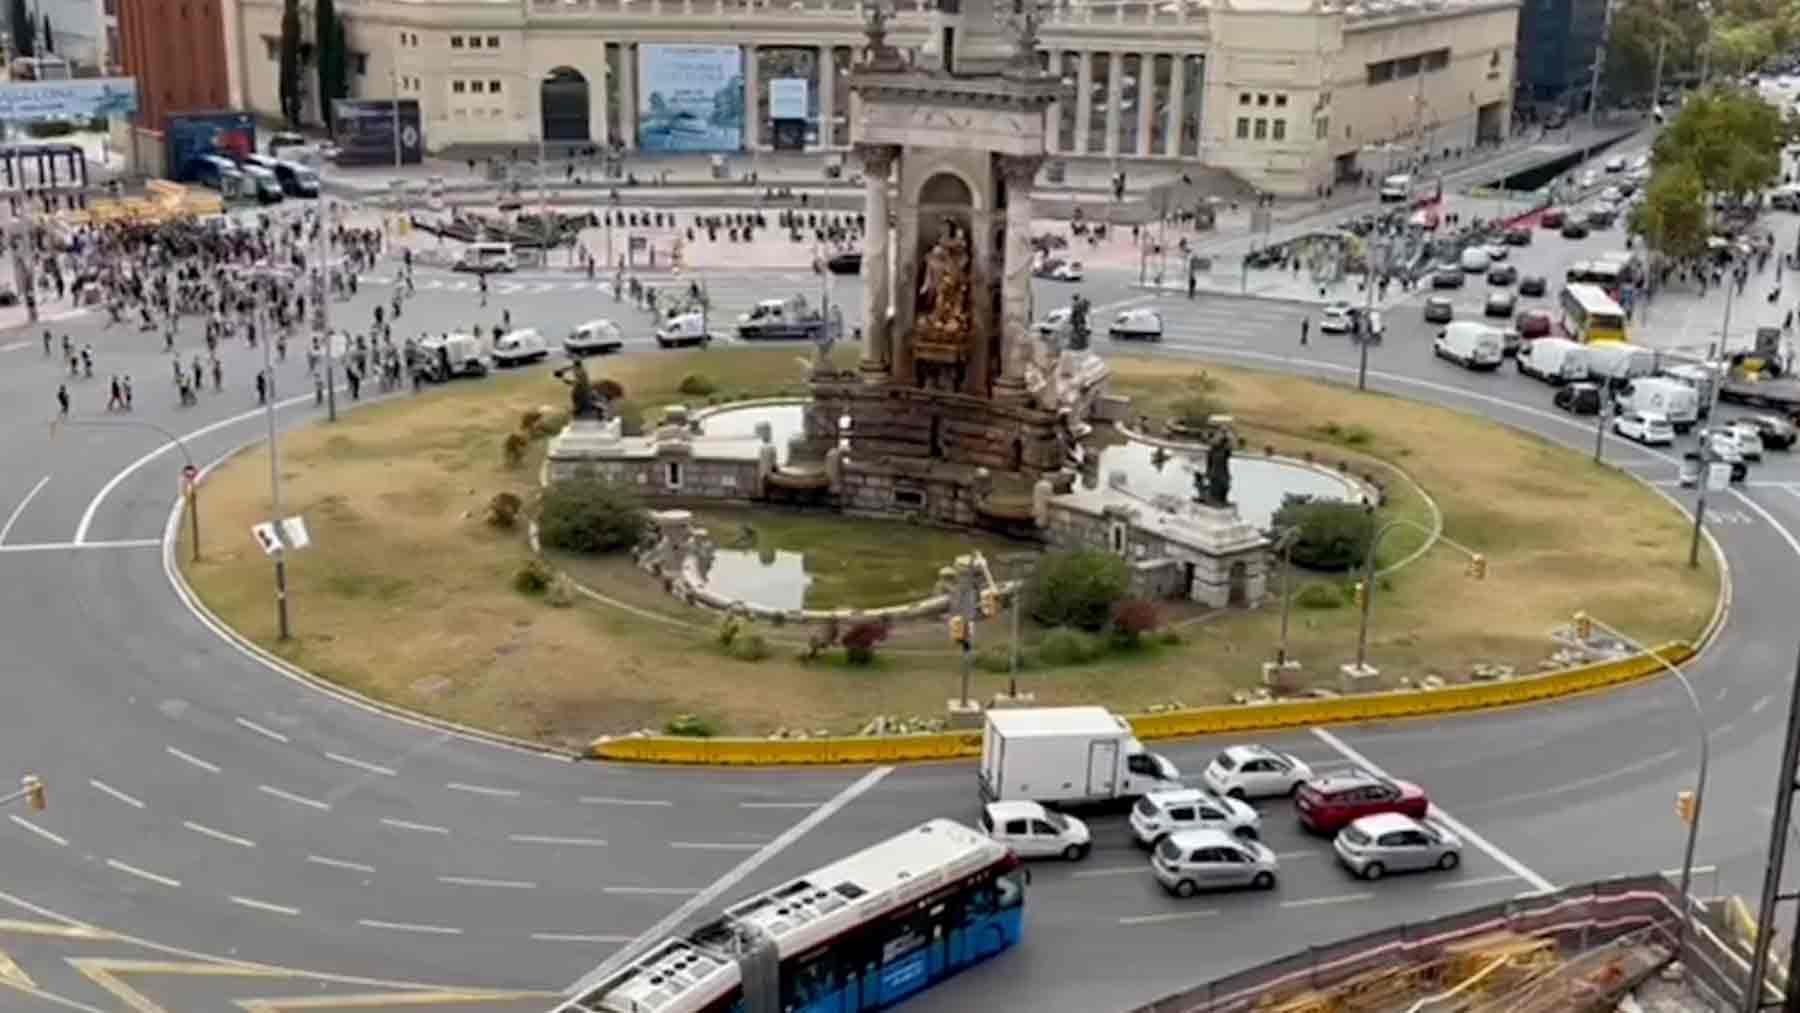 Un centenar de separatistas cortando la Plaza de España de Barcelona.